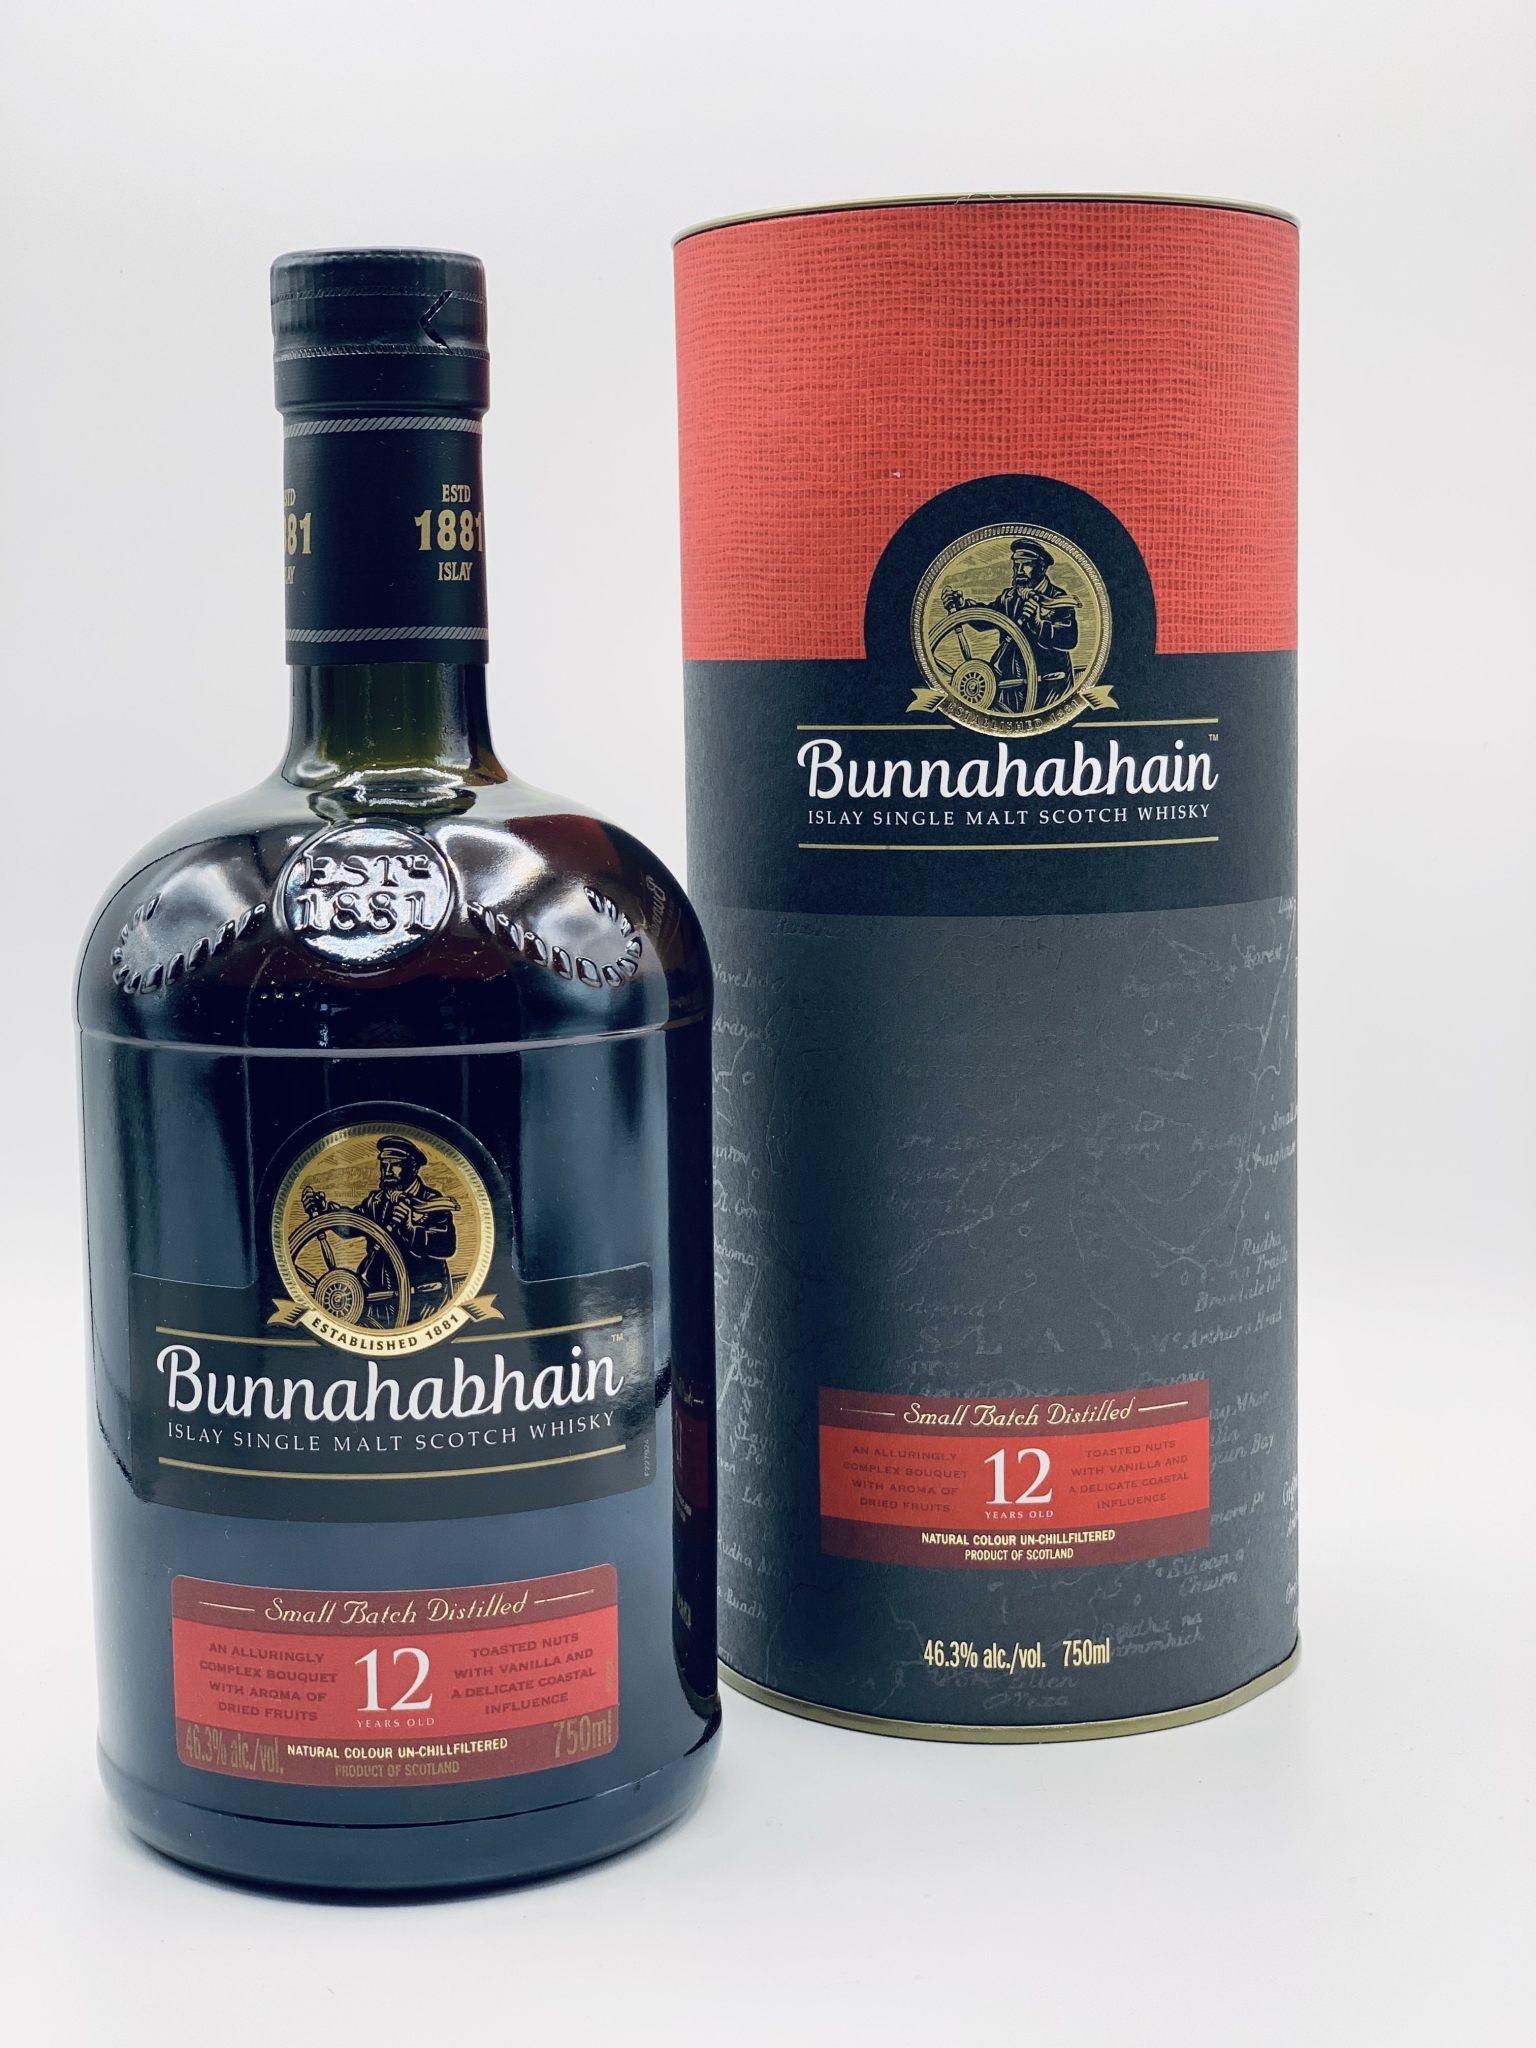 Bunnahabhain 12yr Islay Single Malt Scotch Whisky 750ml (92.6 Proof)75.95